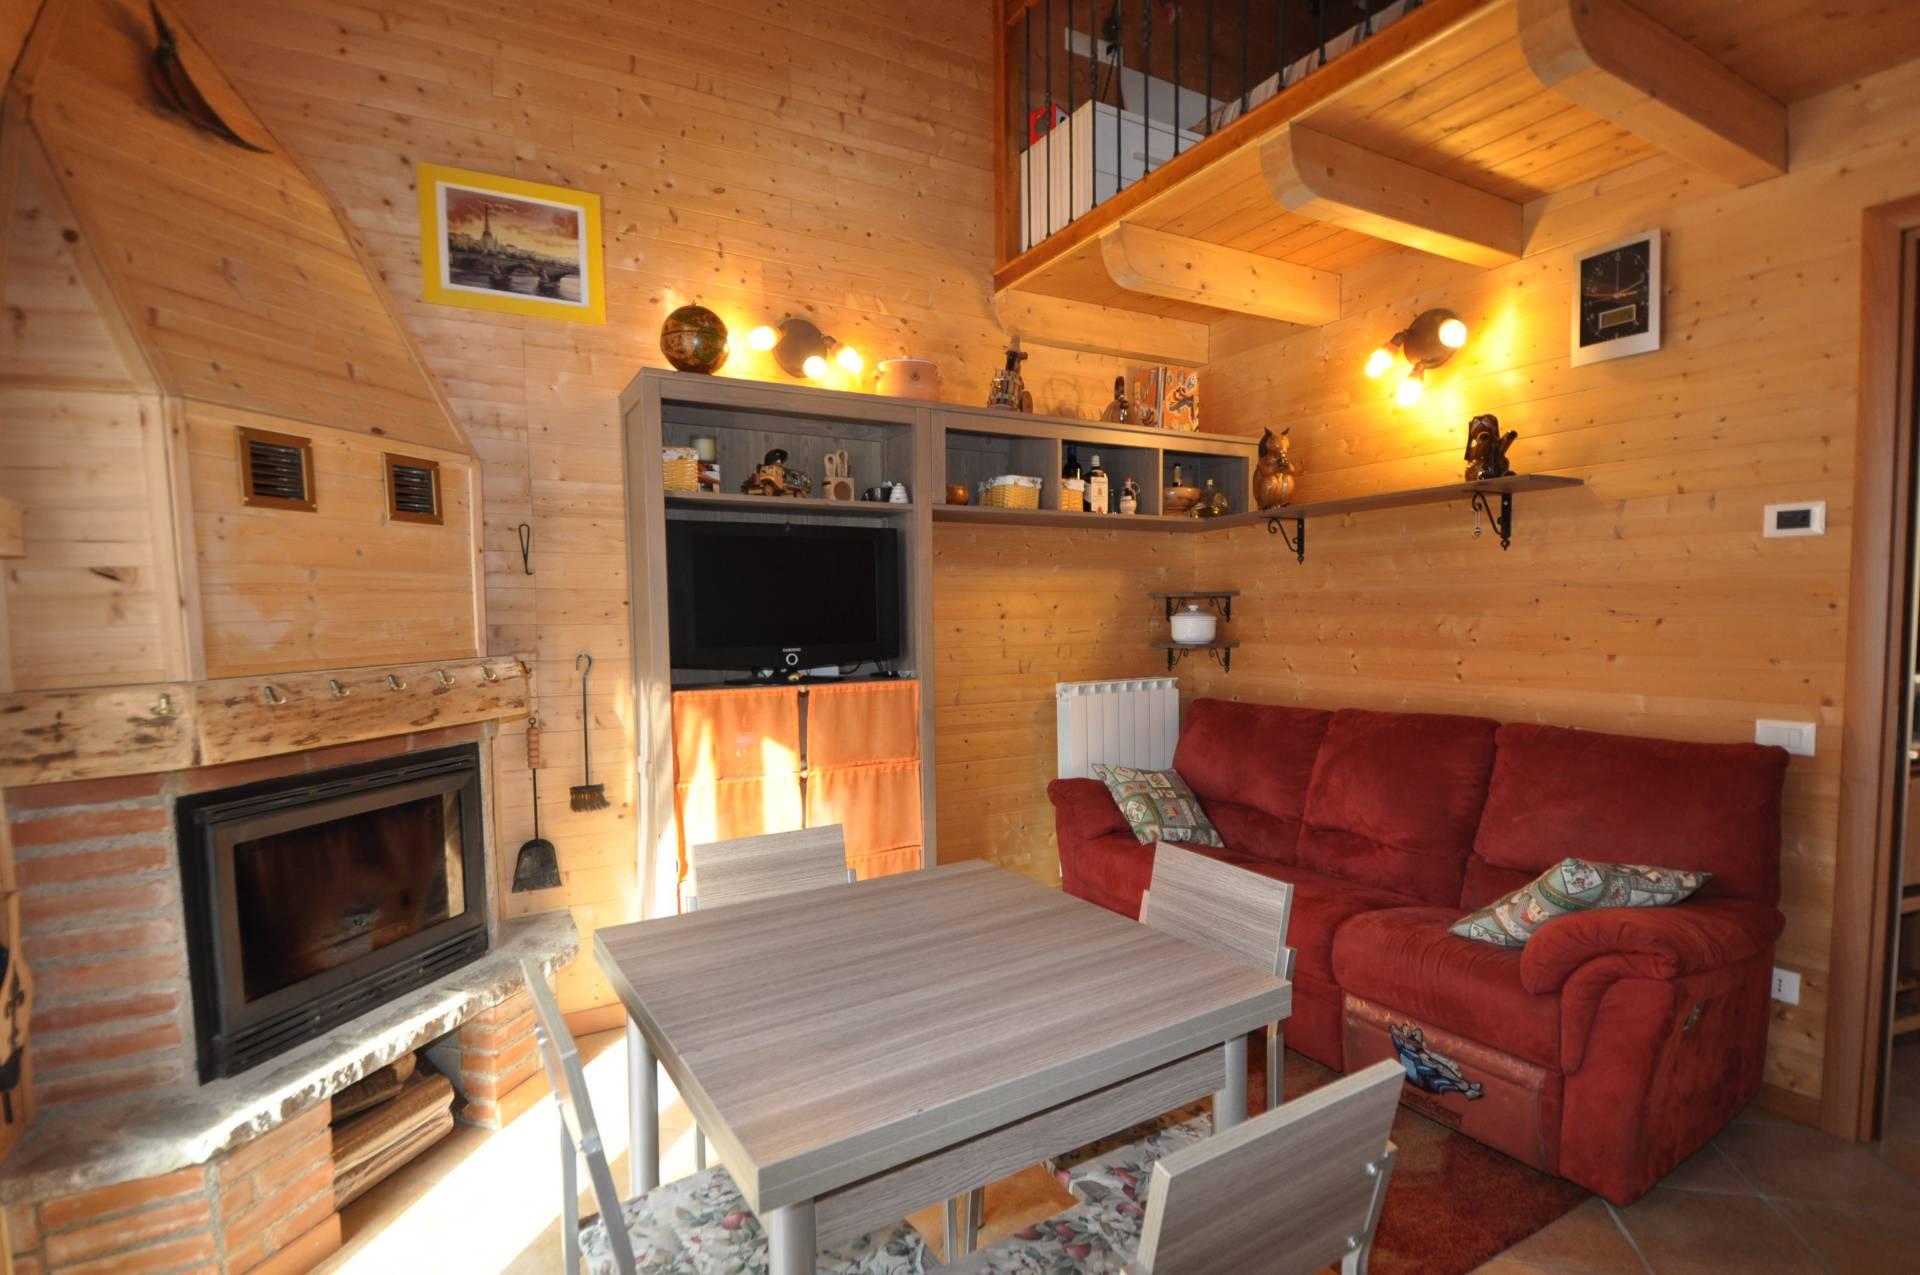 Villa in vendita a Isola di Fondra, 2 locali, zona Zona: Trabuchello, prezzo € 59.000   CambioCasa.it